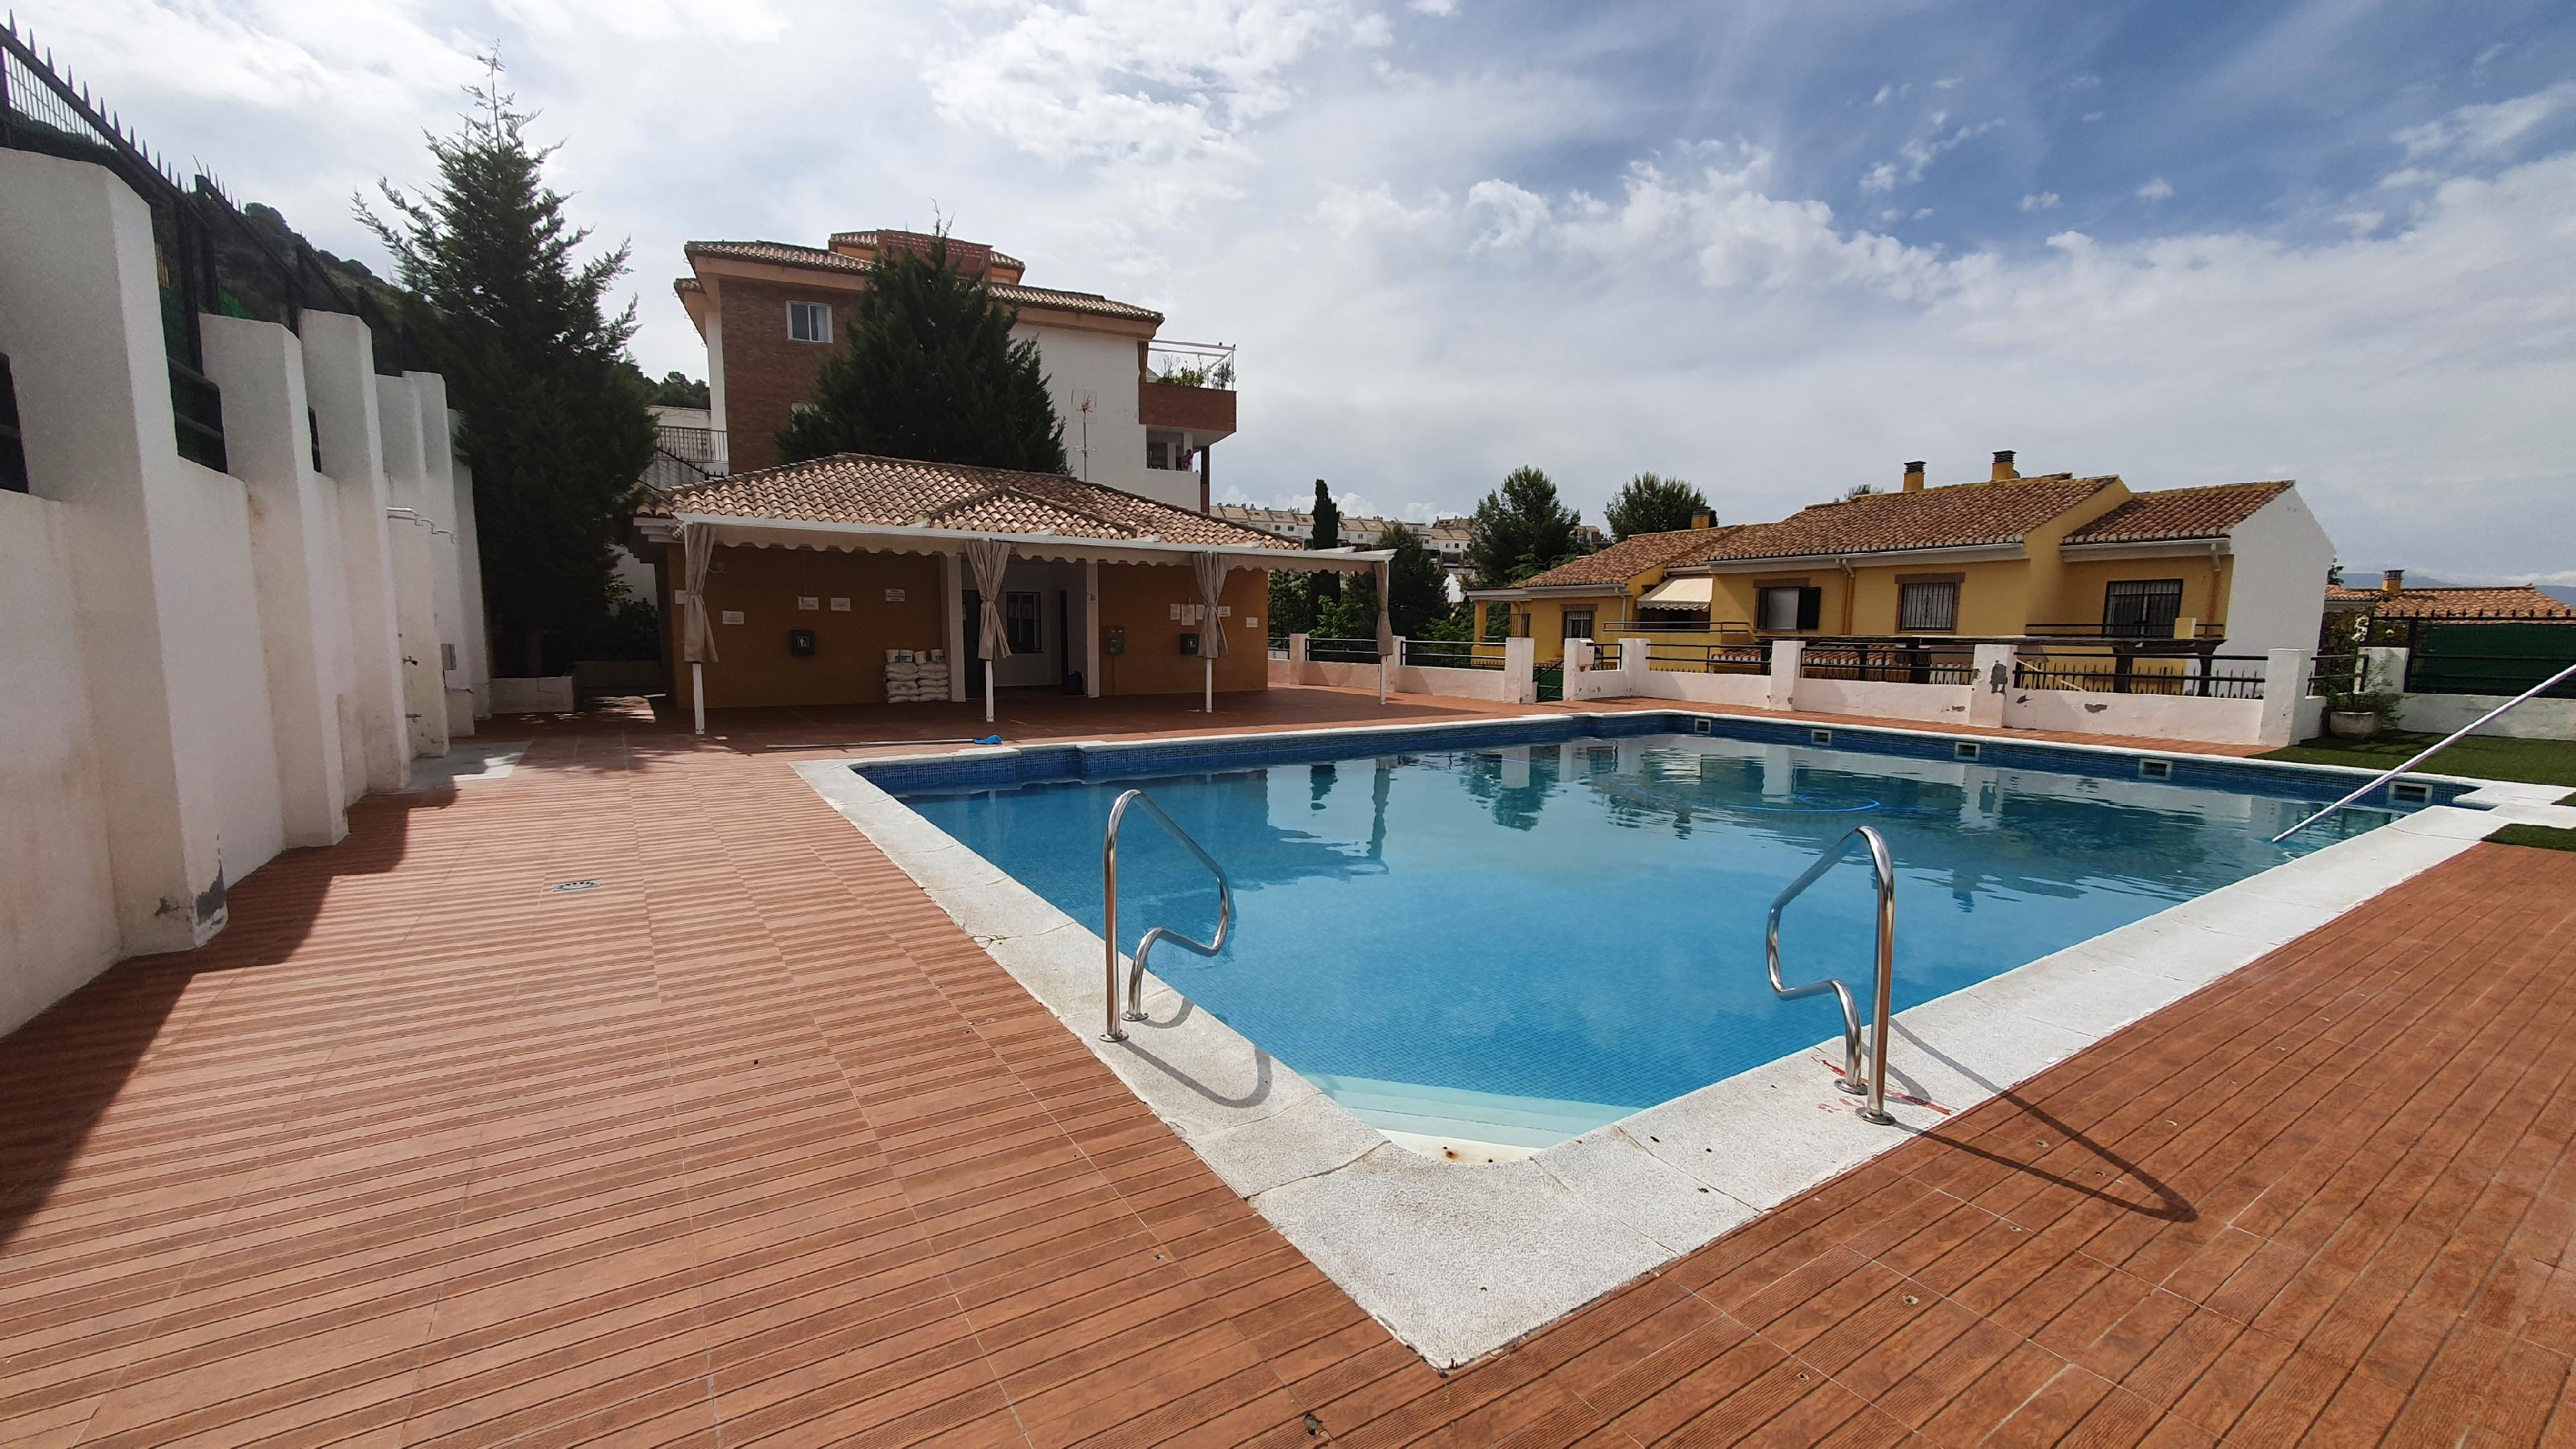 Imagen 2 Casa Adosada en alquiler en Granada / Zona alta del Albayzín.